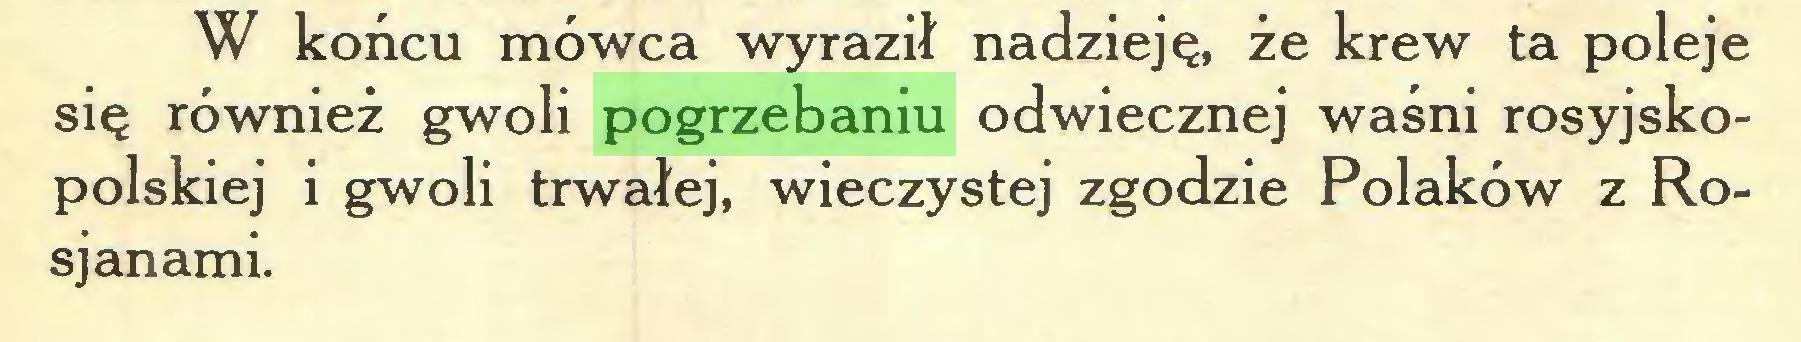 (...) W końcu mówca wyraził nadzieję, że krew ta poleje się również gwoli pogrzebaniu odwiecznej waśni rosyjskopolskiej i gwoli trwałej, wieczystej zgodzie Polaków z Rosjanami...